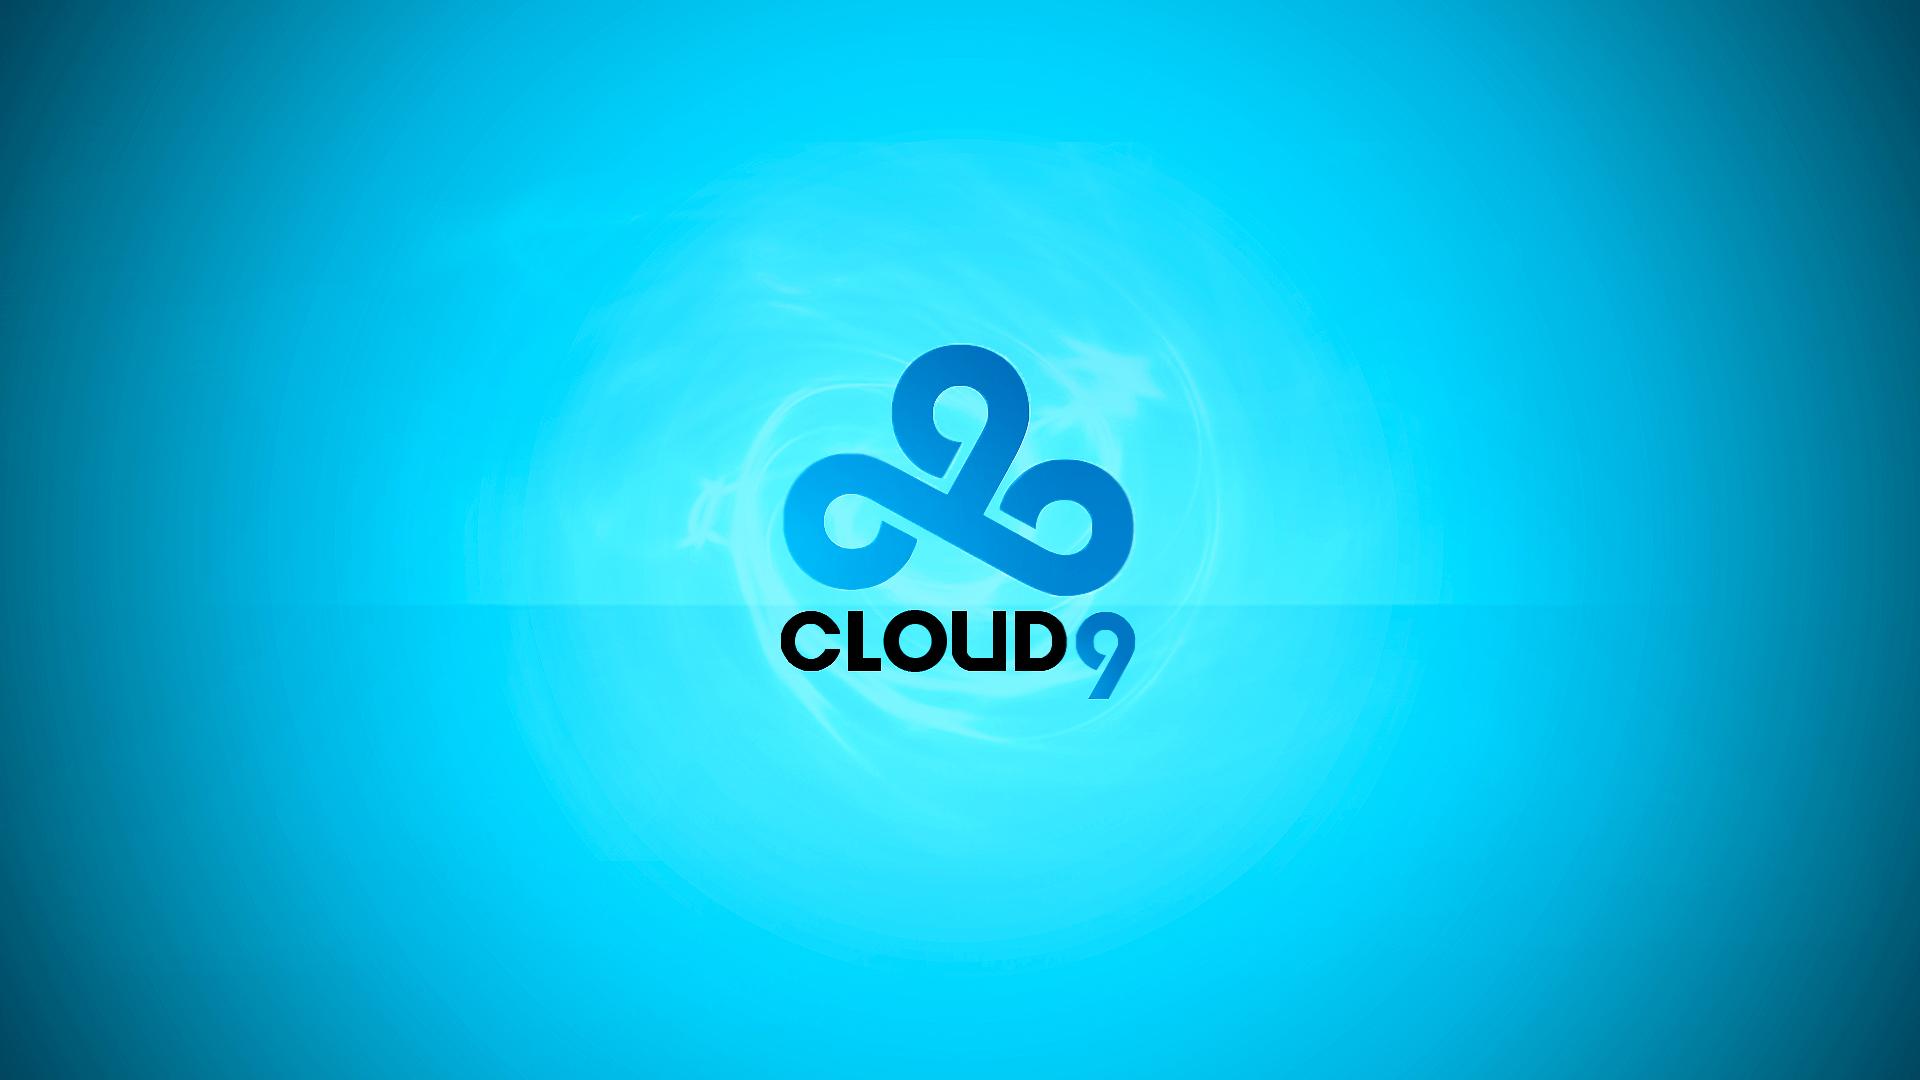 Team cloud 9 wallpaper 1080p by selack on deviantart - Reddit cloud9 ...